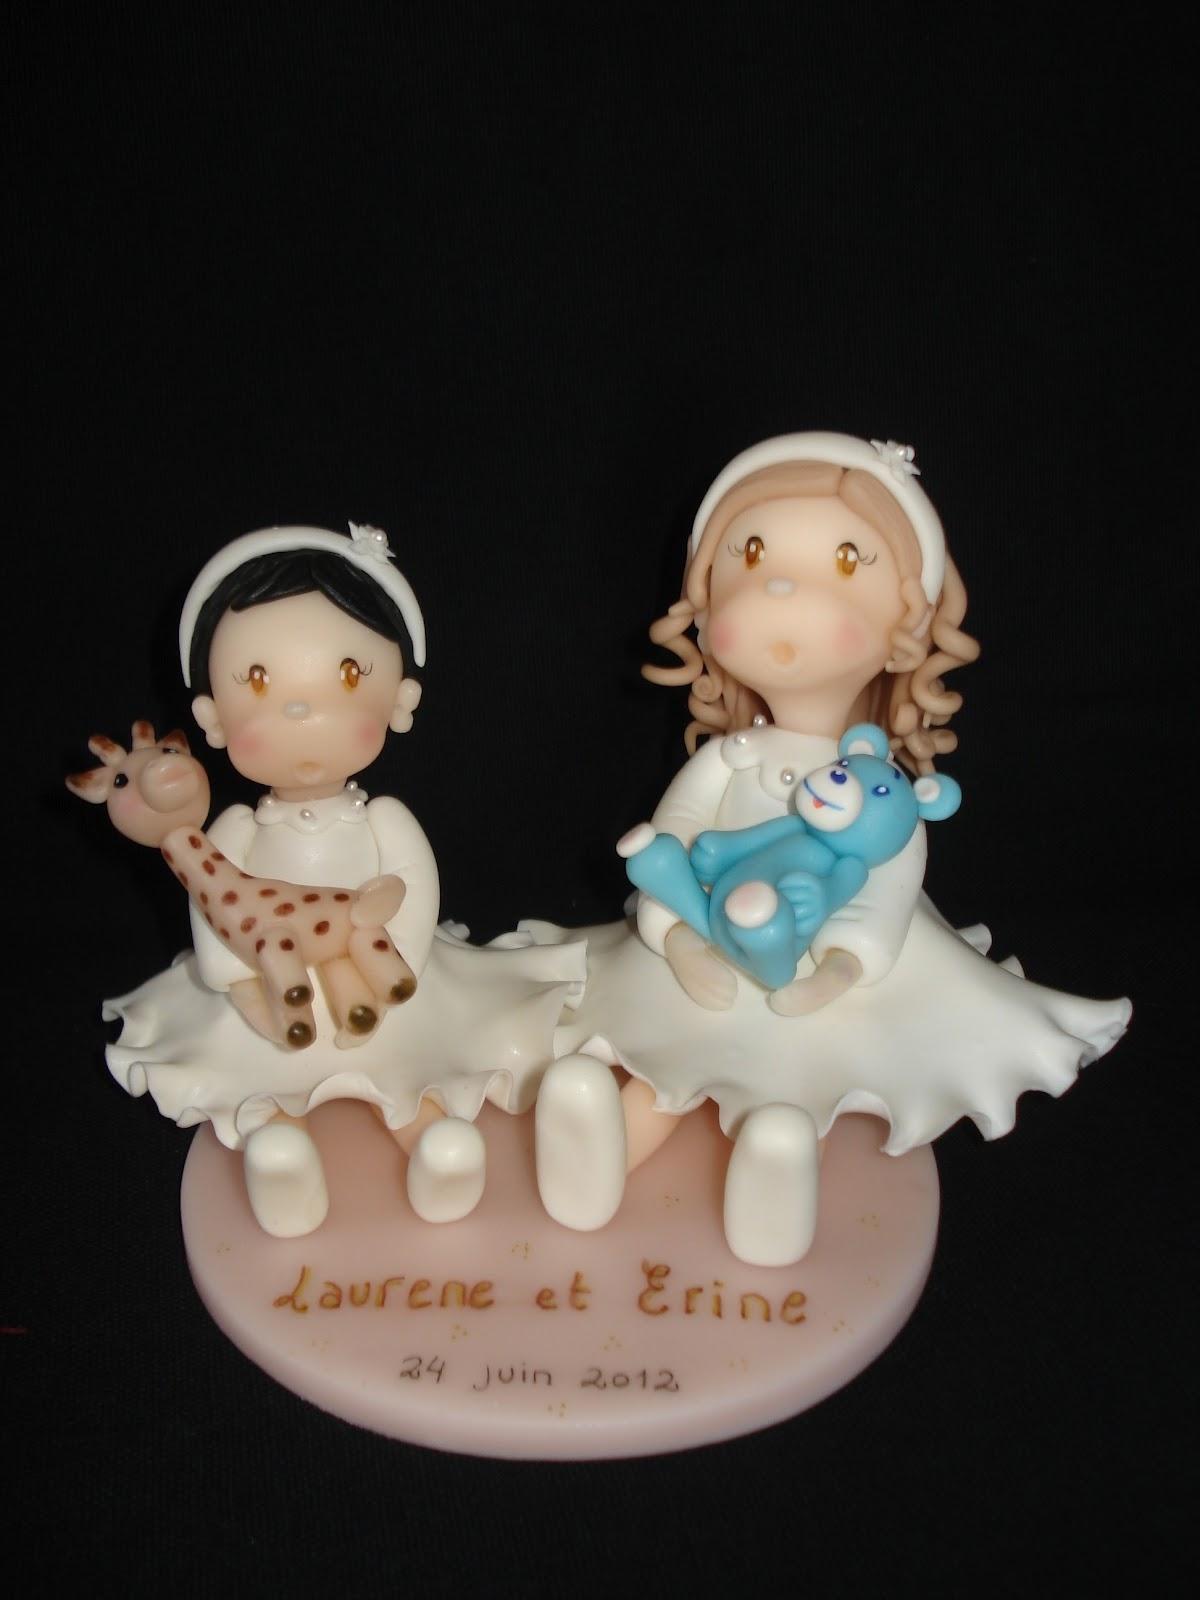 happy deco gateaux figurines personnalis es en porcelaine froide enti rement model es la main. Black Bedroom Furniture Sets. Home Design Ideas